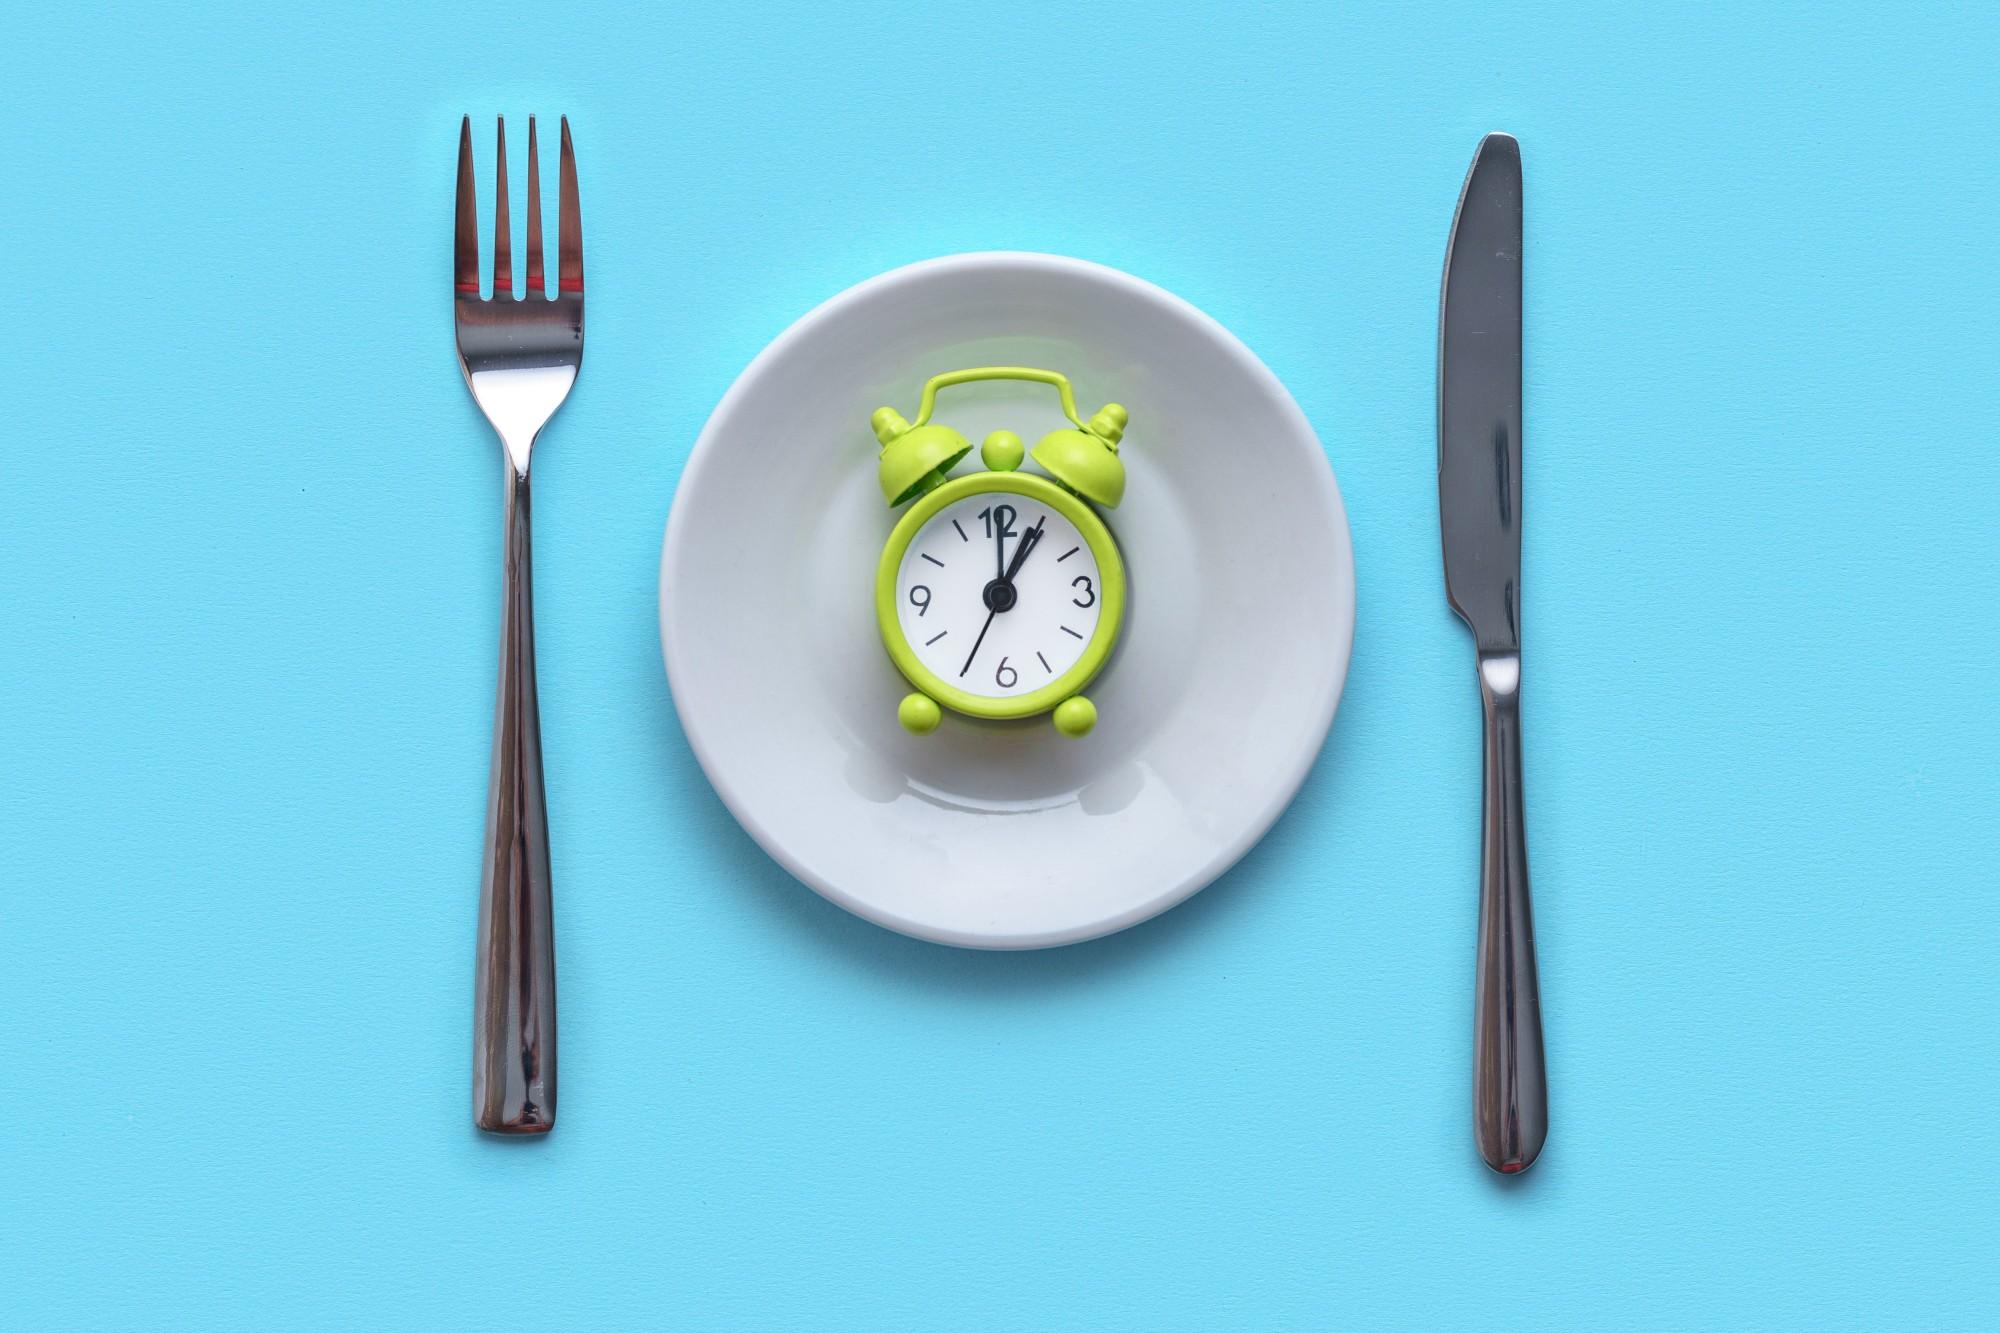 Reeducação alimentar: descubra como pode ser fácil adotar